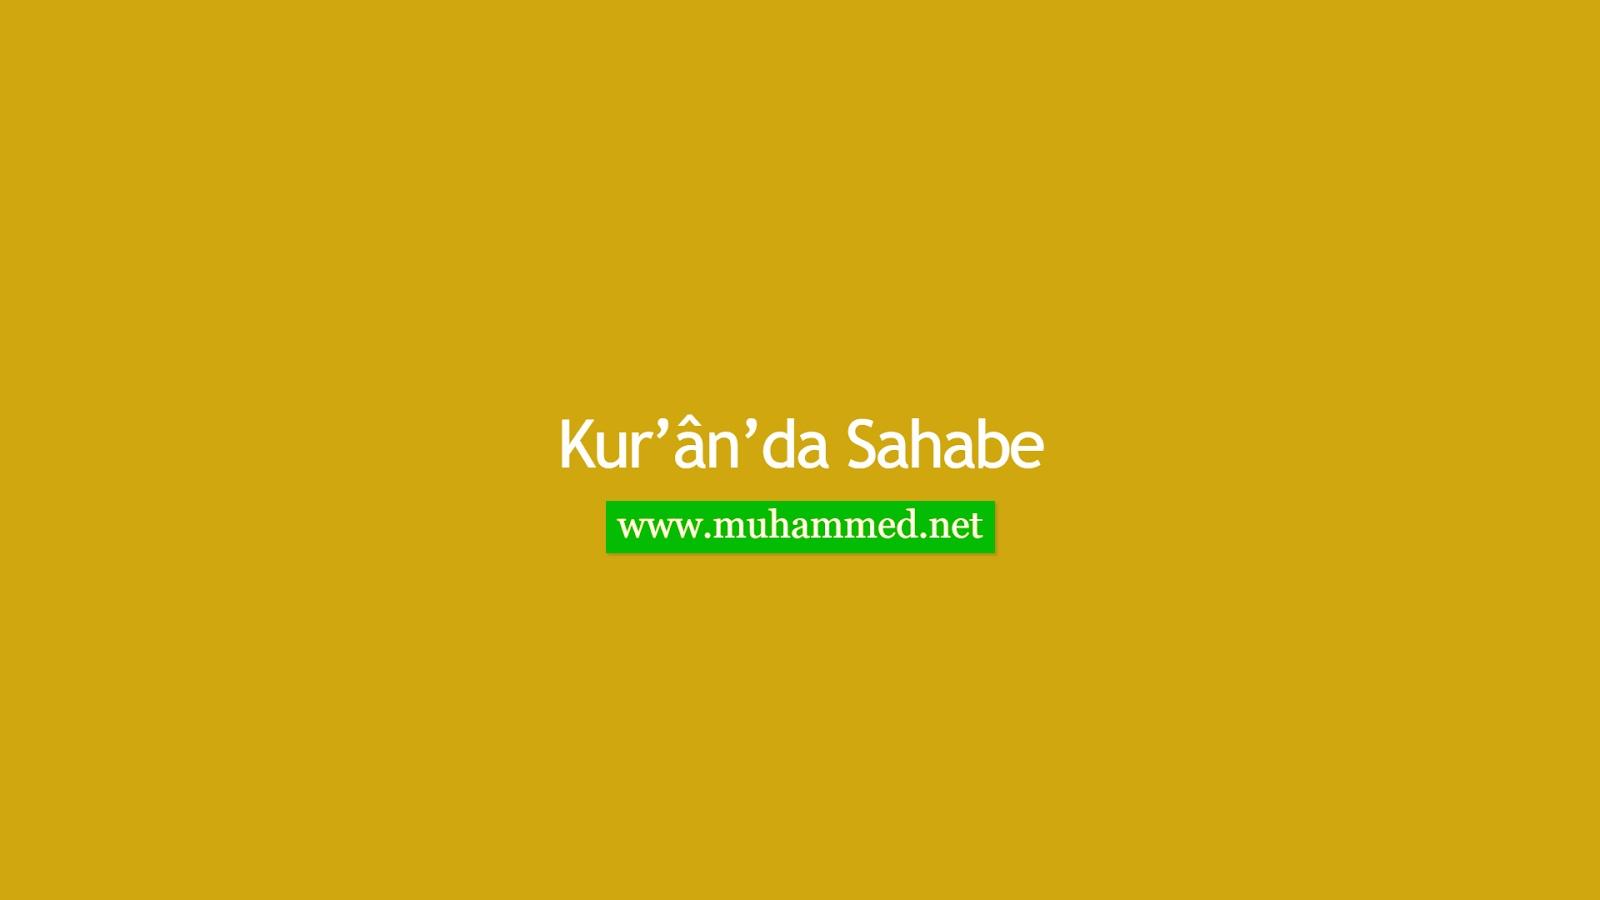 Kur'ân'da Sahabe